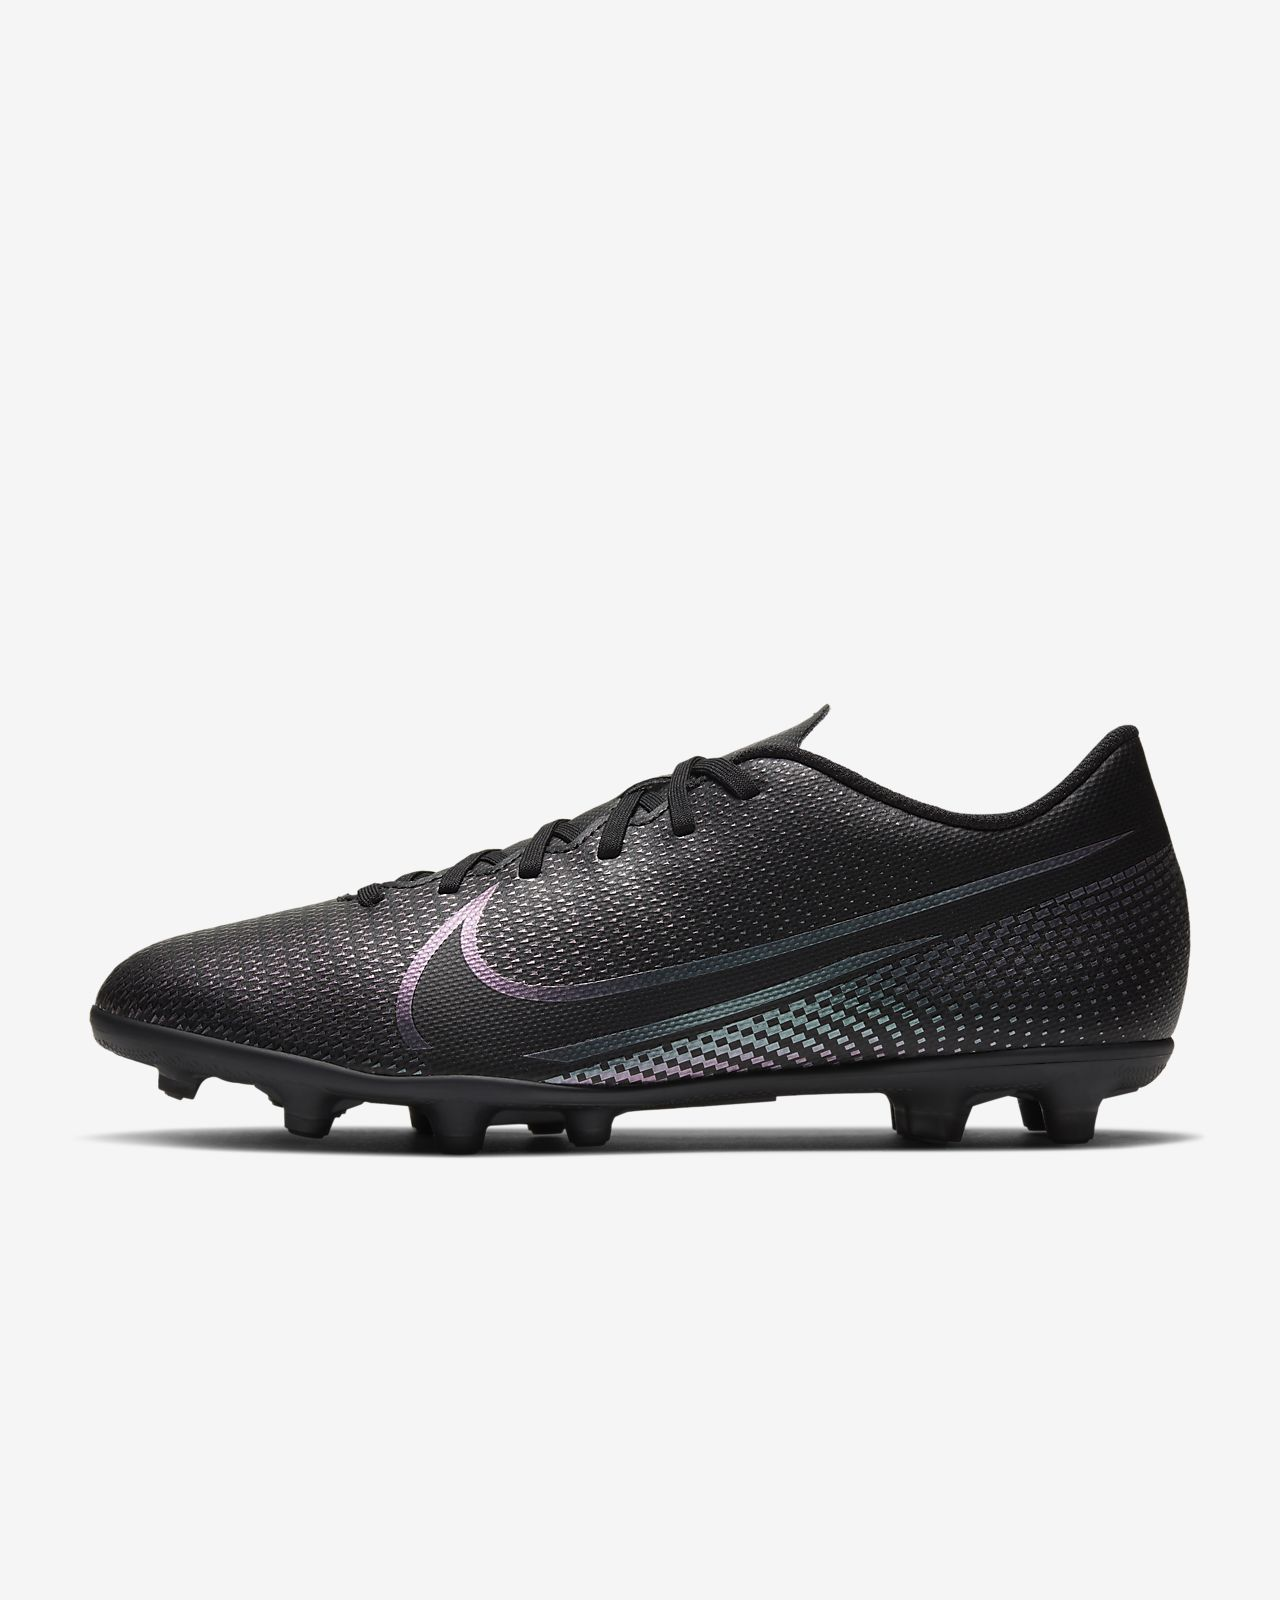 Nike Mercurial Vapor 13 Club MG-fodboldstøvle til flere typer underlag